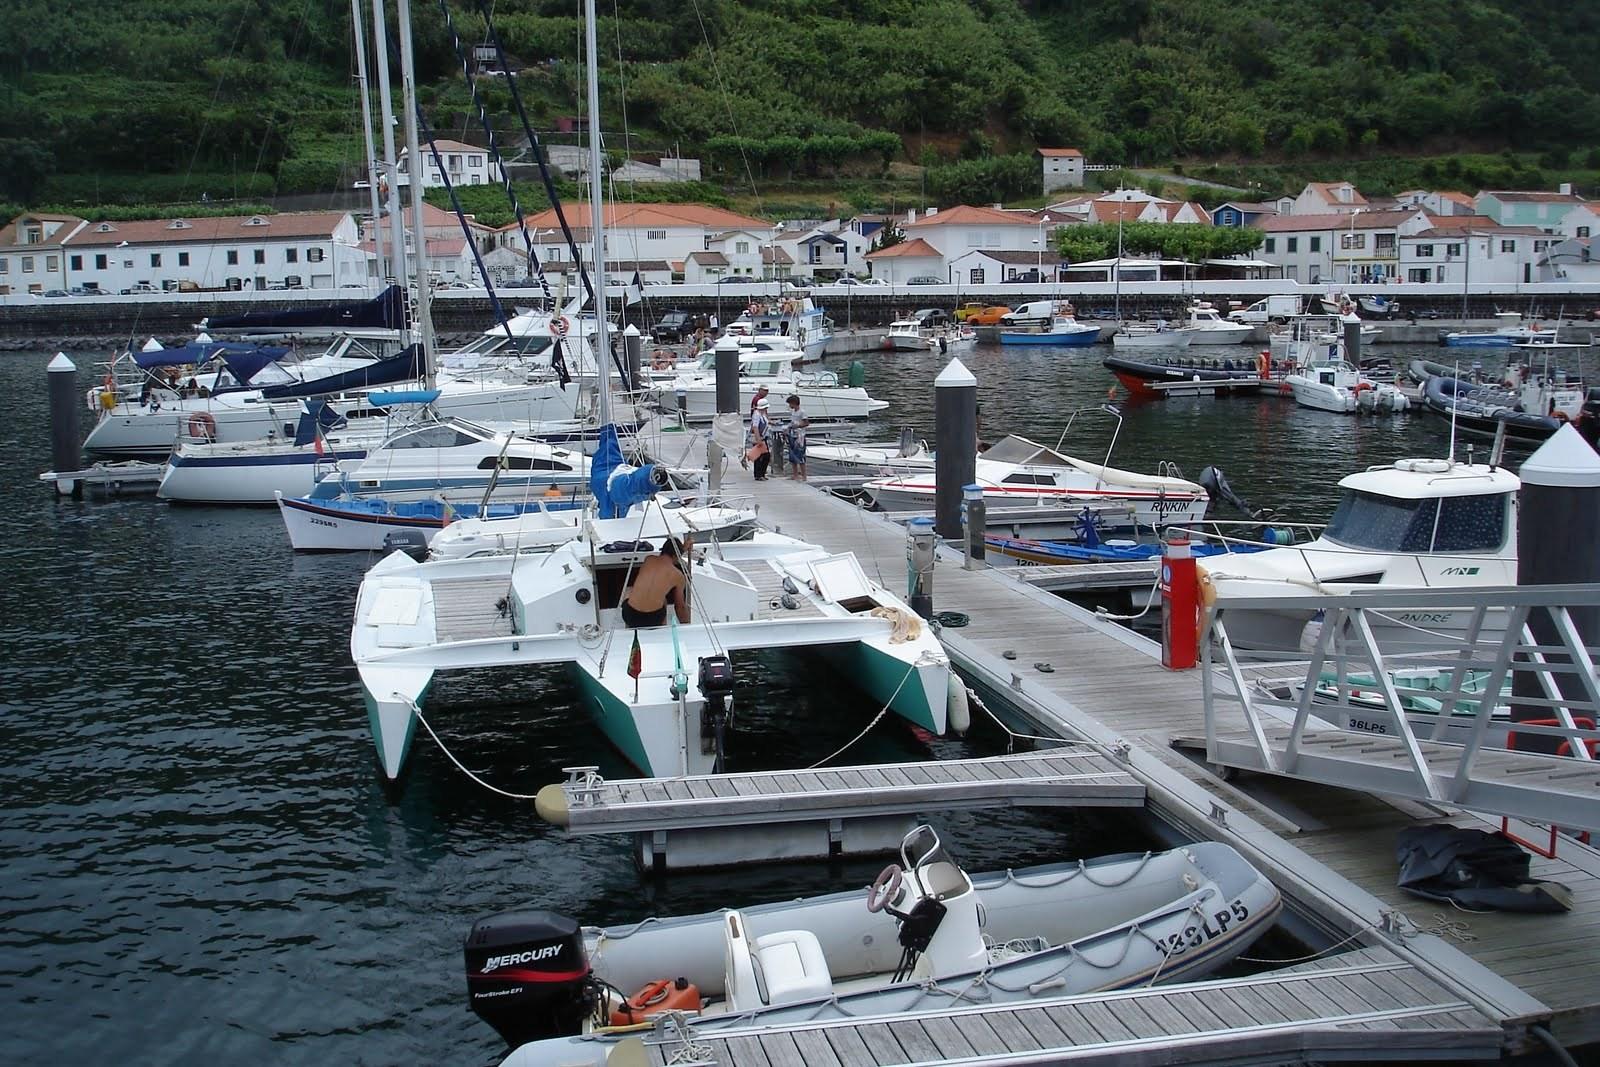 Porto da Madalena - Marina das Lajes do Pico